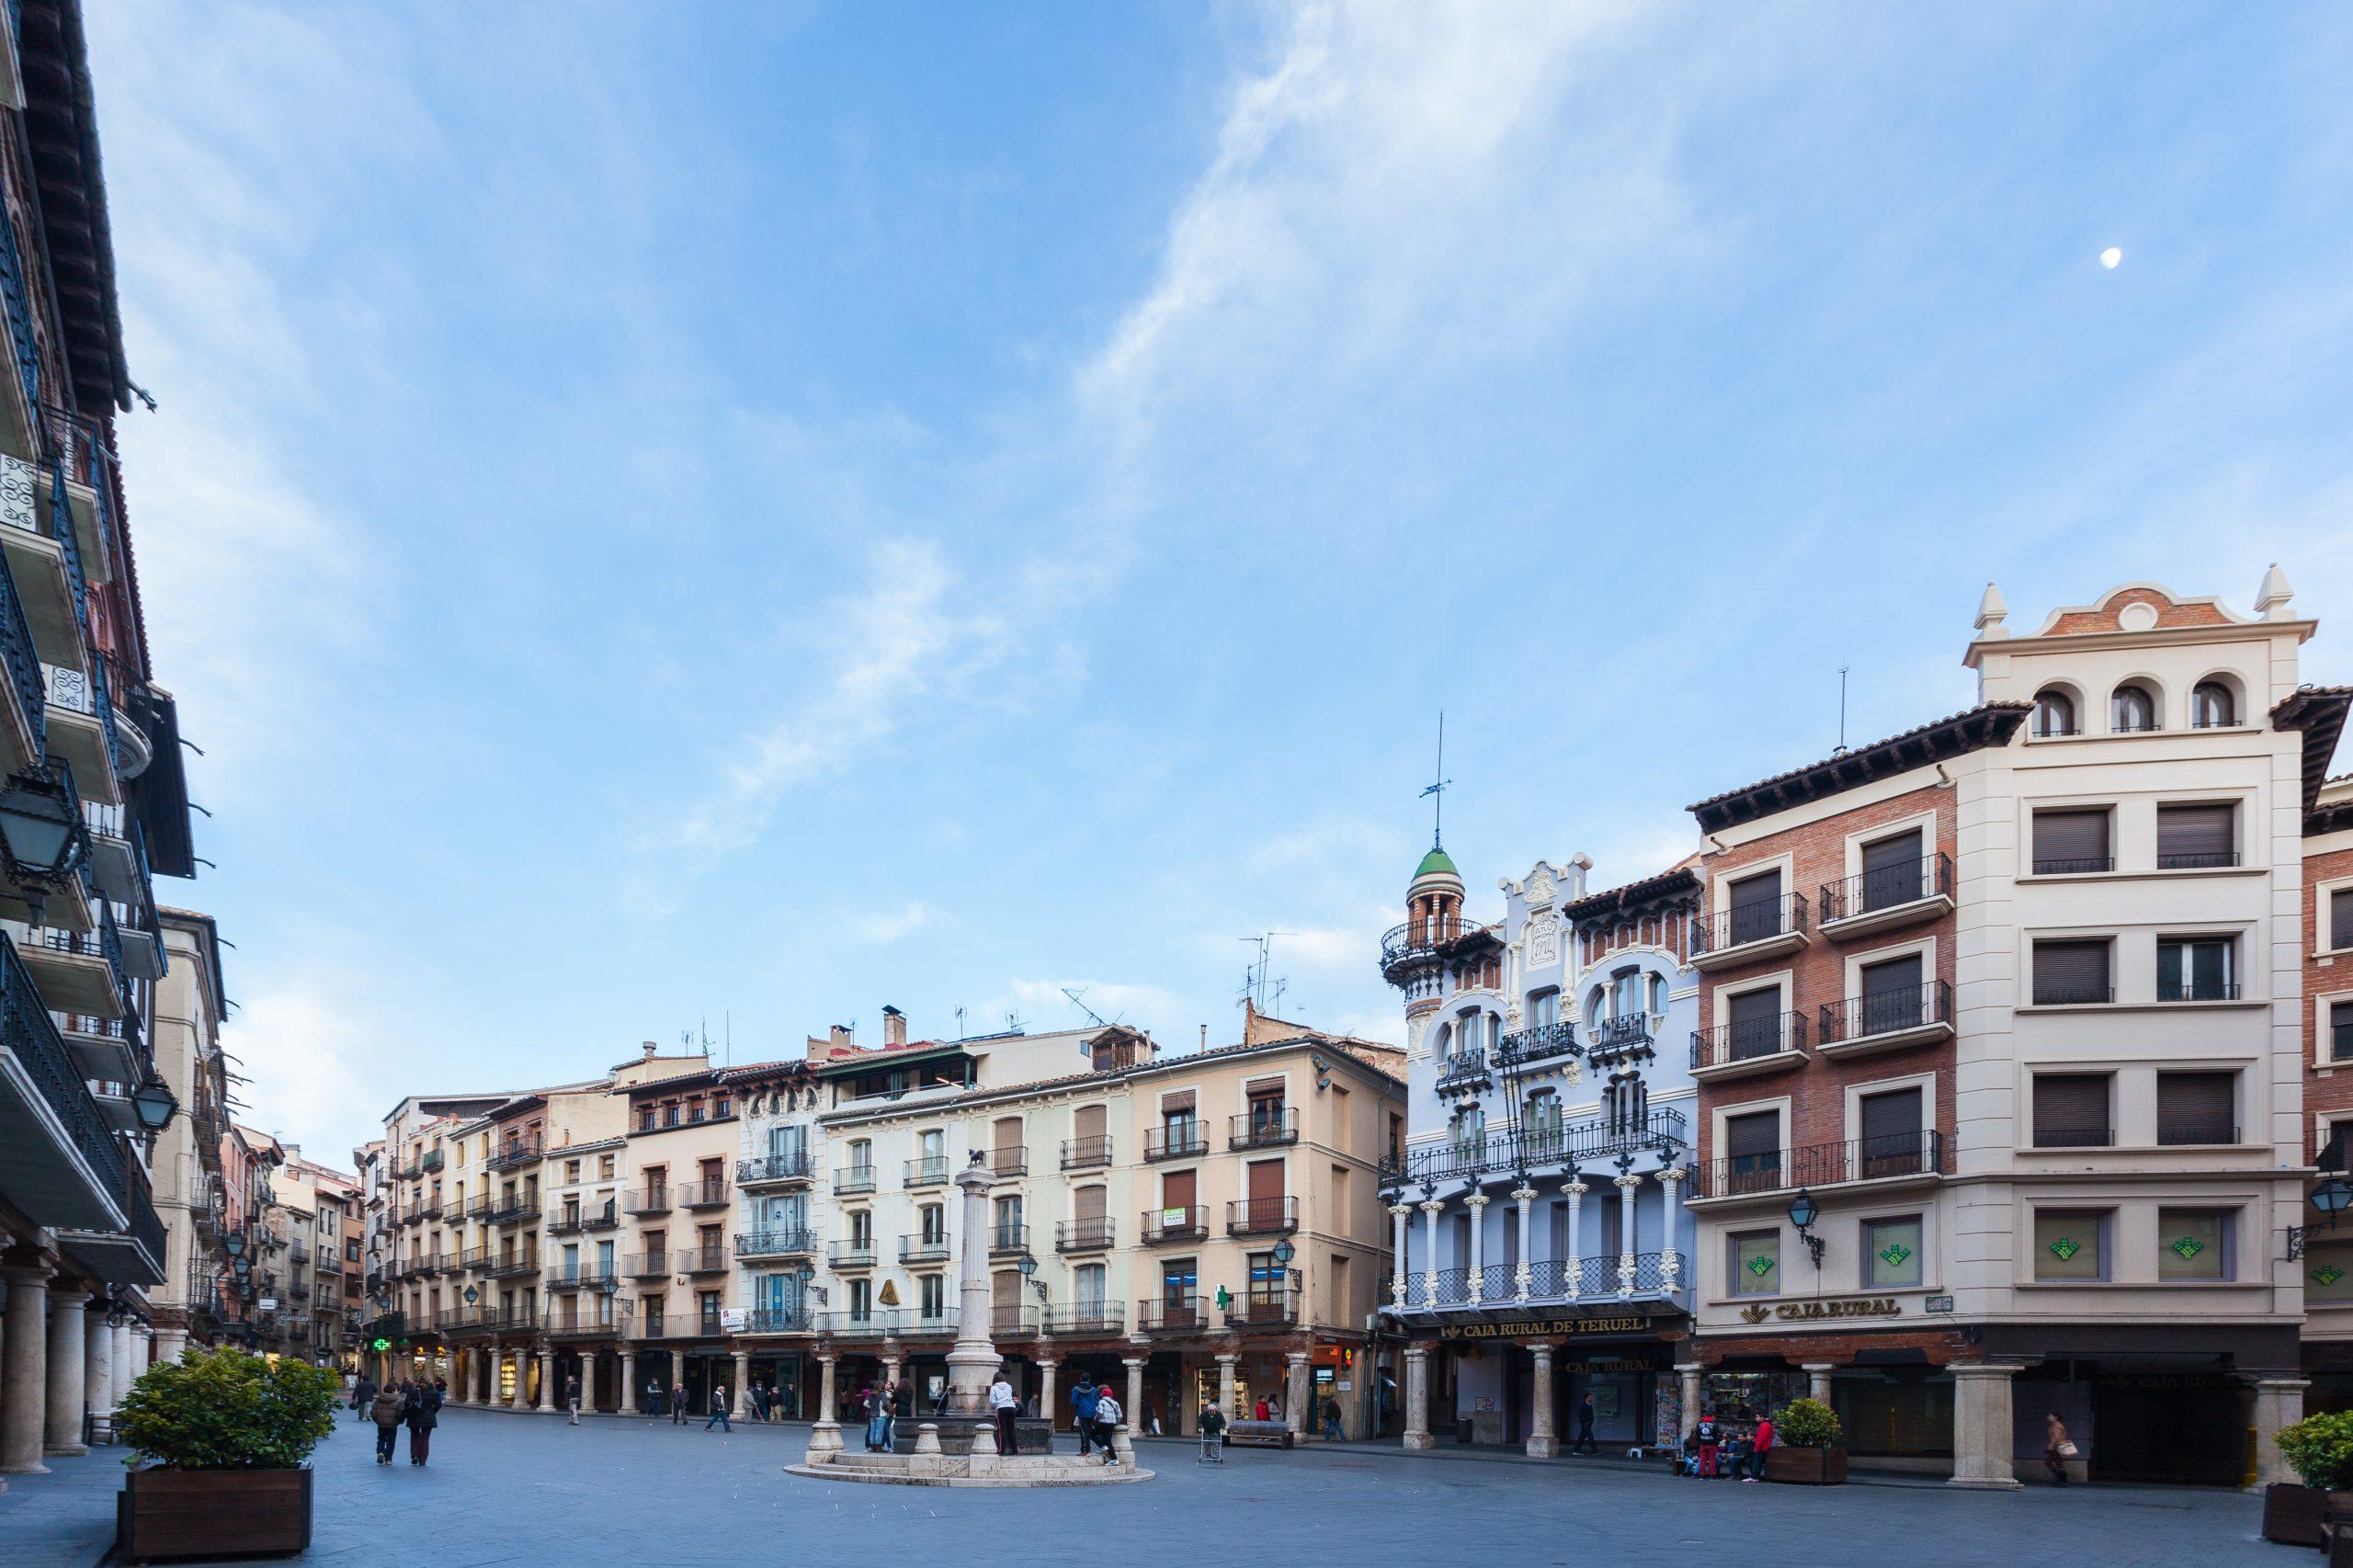 Plaza_del_Torico,_Teruel,_España,_2014-01-10,_DD_72